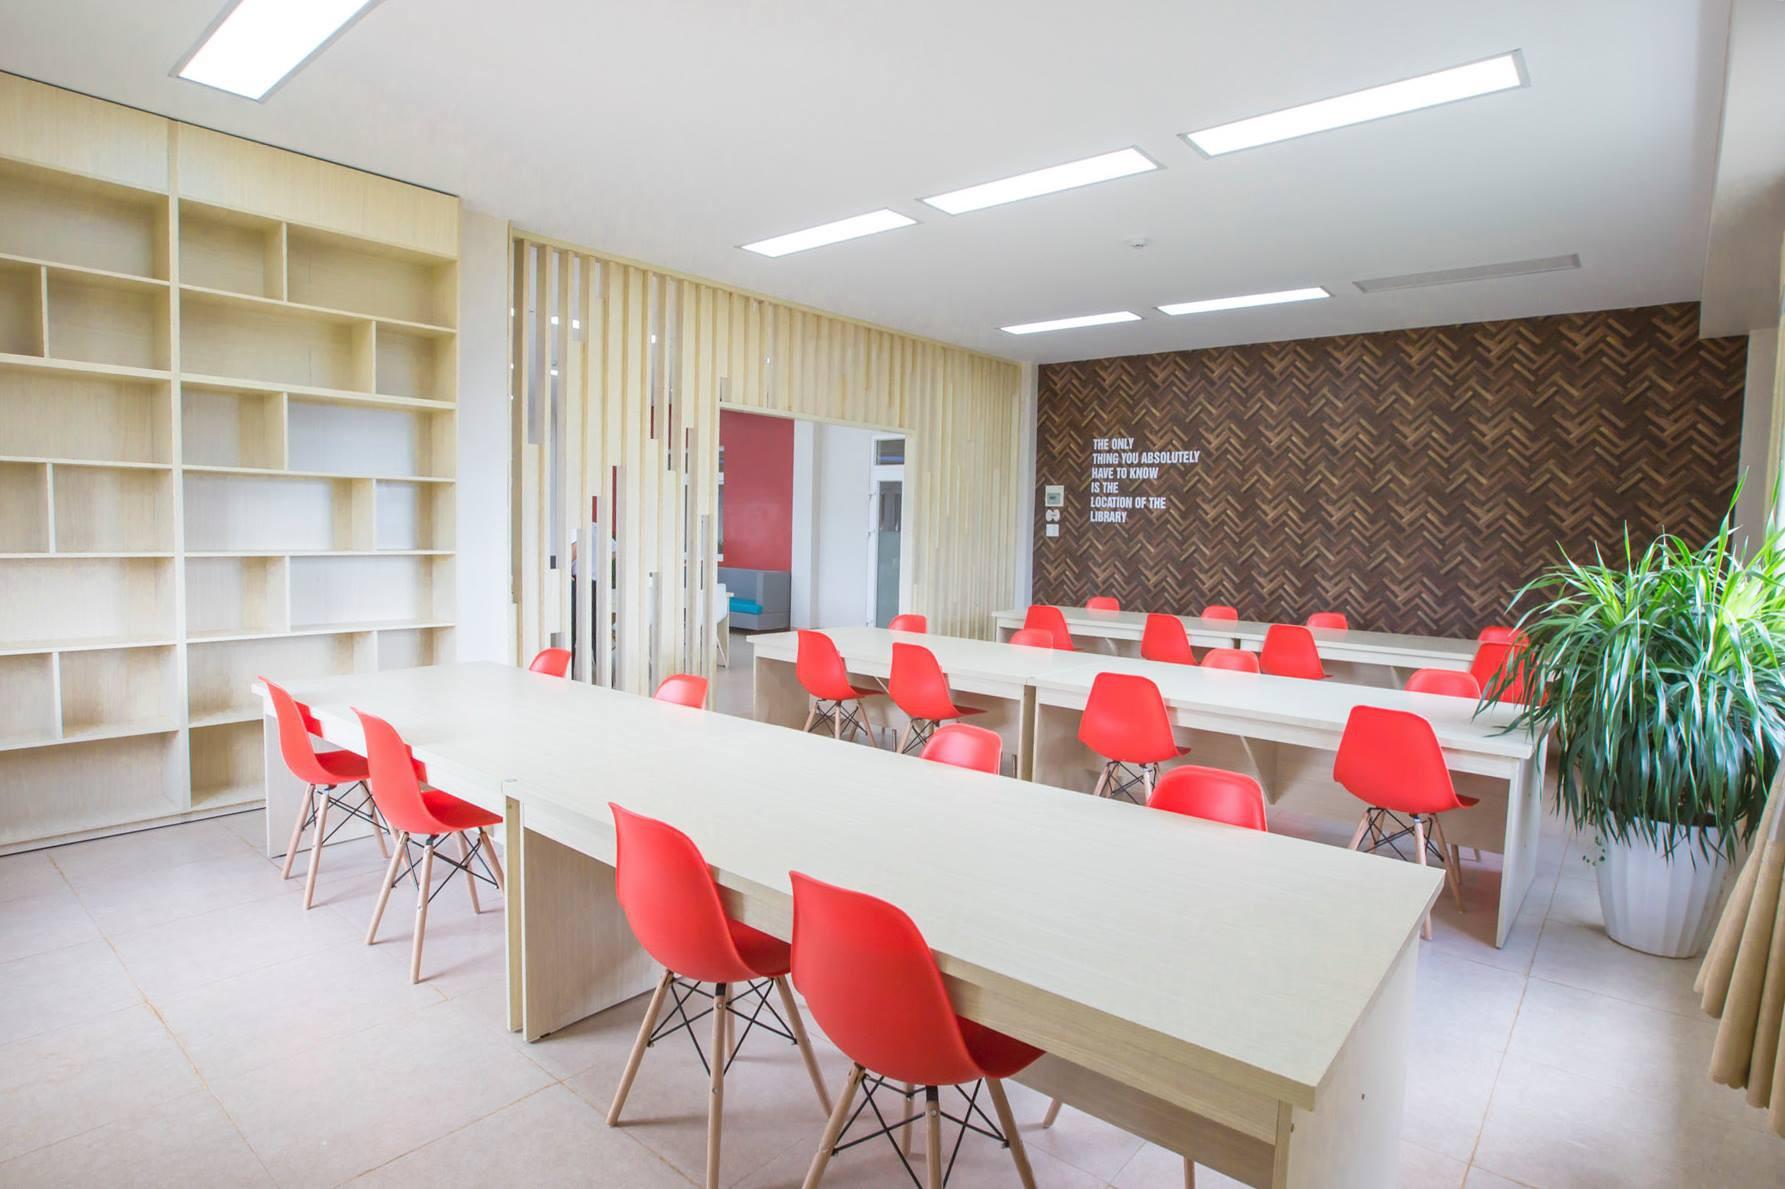 Choáng ngợp với sự sang chảnh của ngôi trường giữa phố núi Tây Nguyên, nơi được ví như Dubai Việt Nam - Ảnh 7.